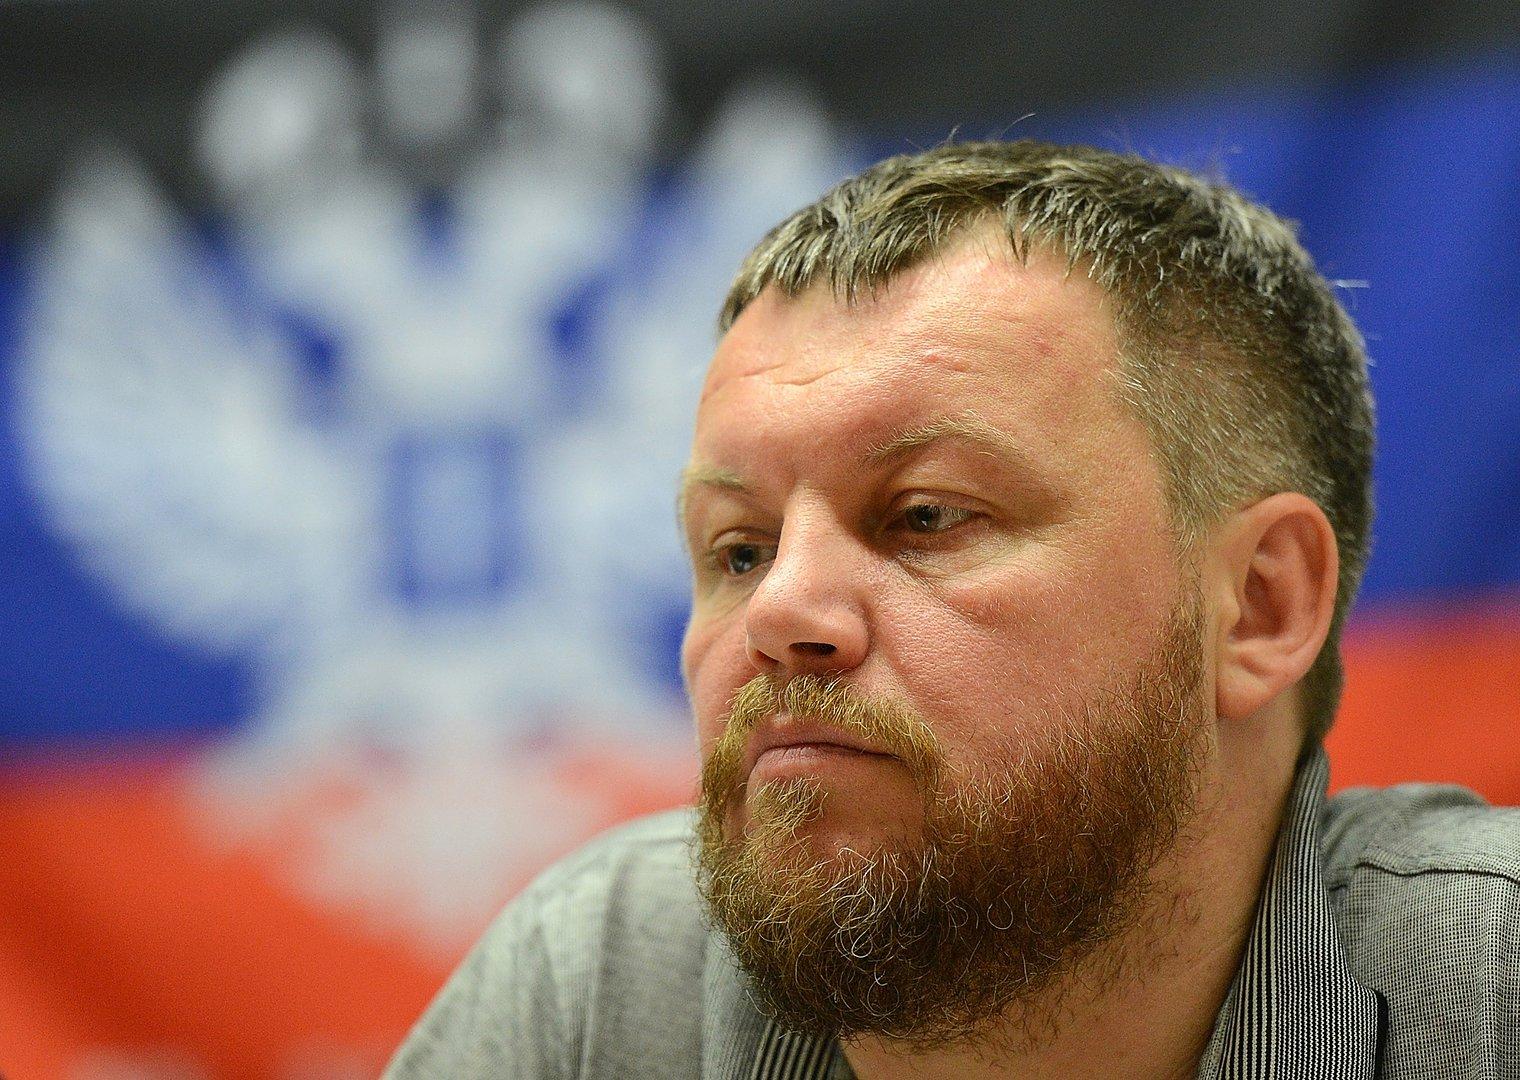 Бойовики посадили Пургіна за грати, бо захищали його від українців